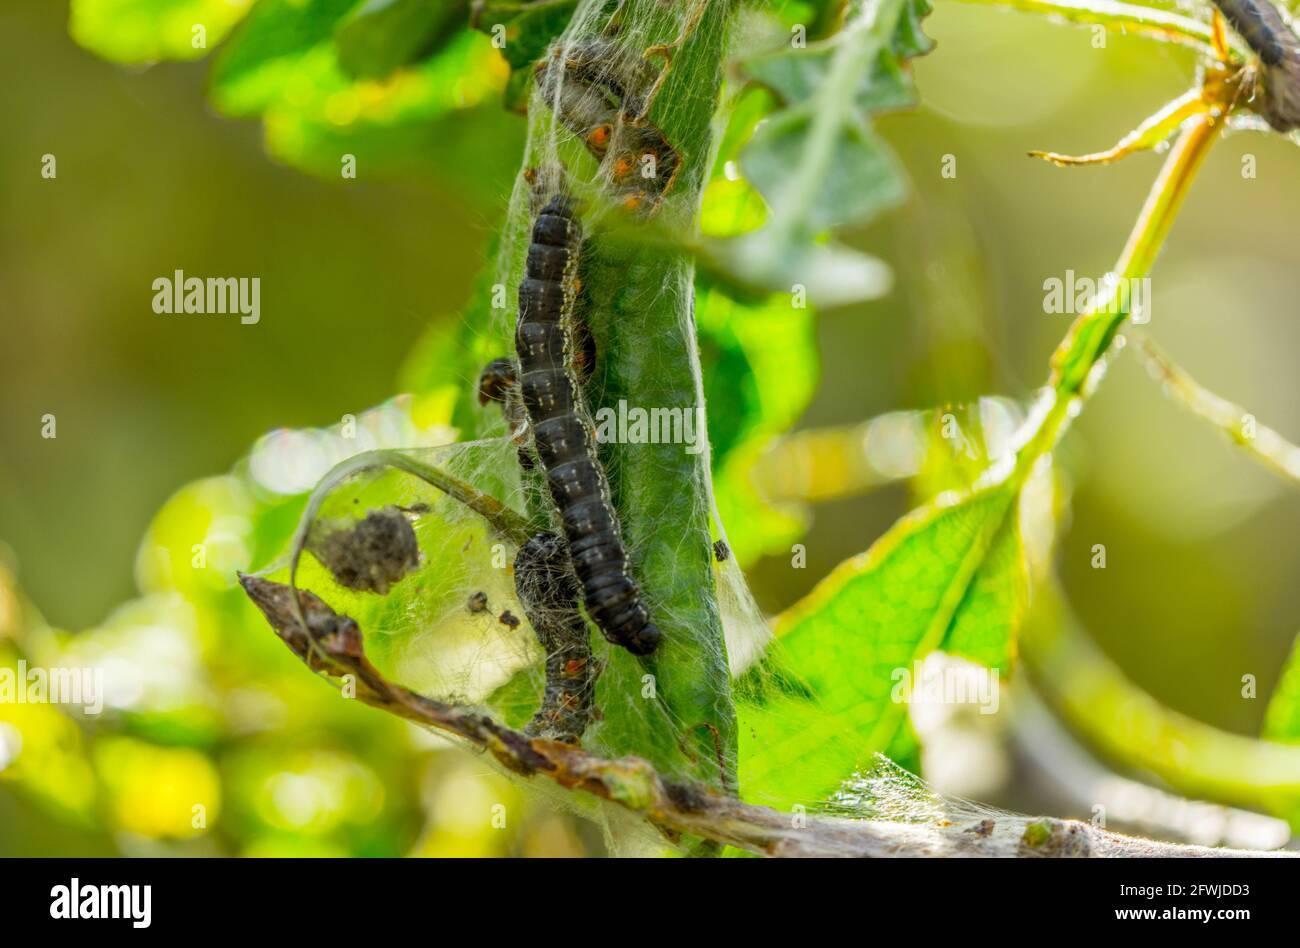 Tente chenilles insecte ravageur Banque D'Images